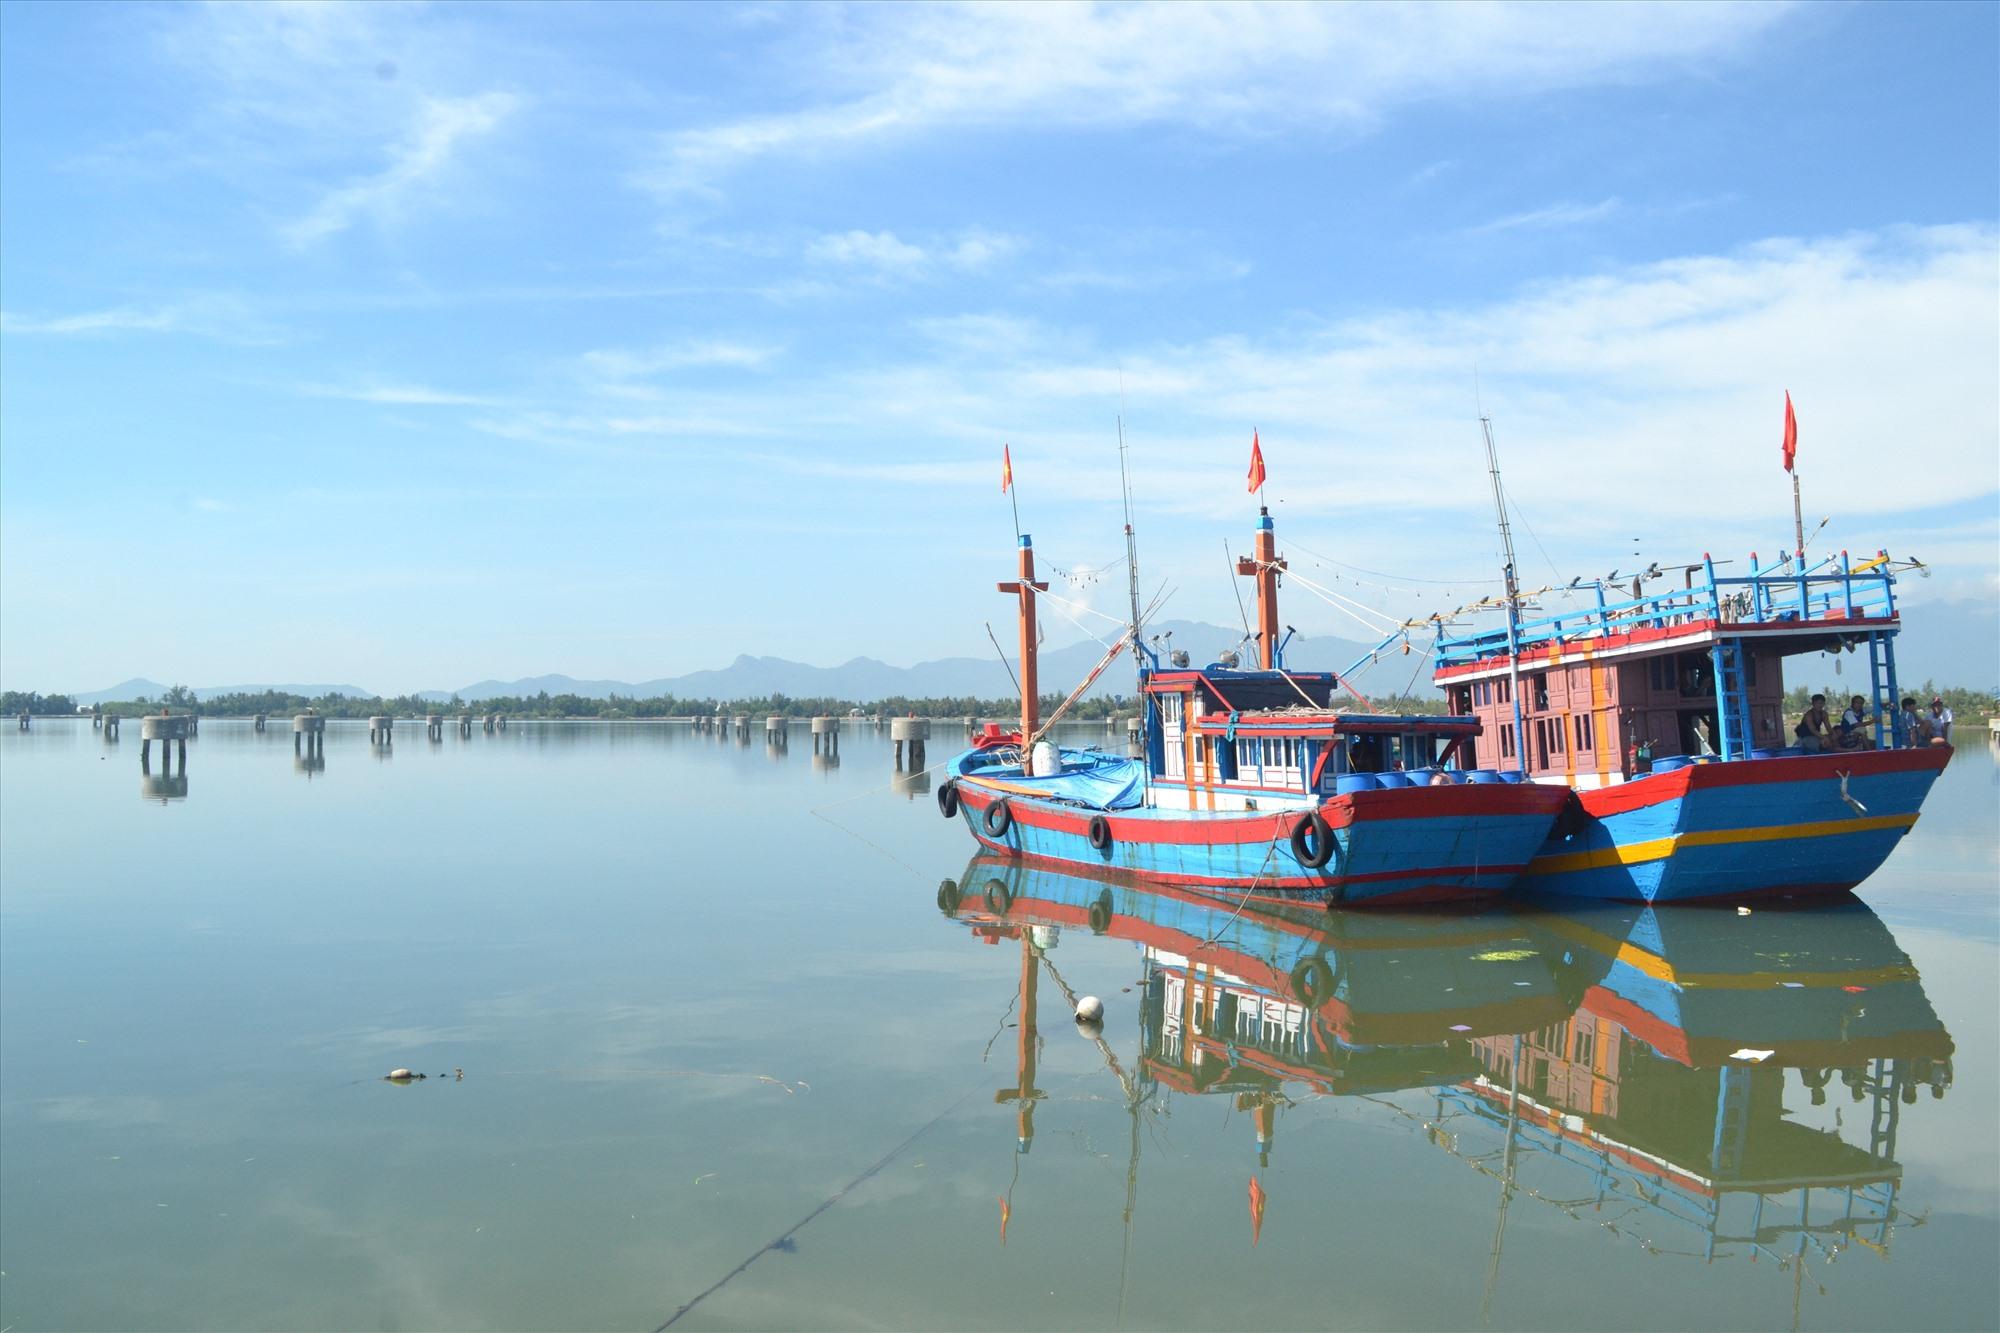 Tàu cá của ngư dân neo đậu ở Khu neo đậu tàu cá An Hòa trong những ngày này. Ảnh: Q.VIỆT